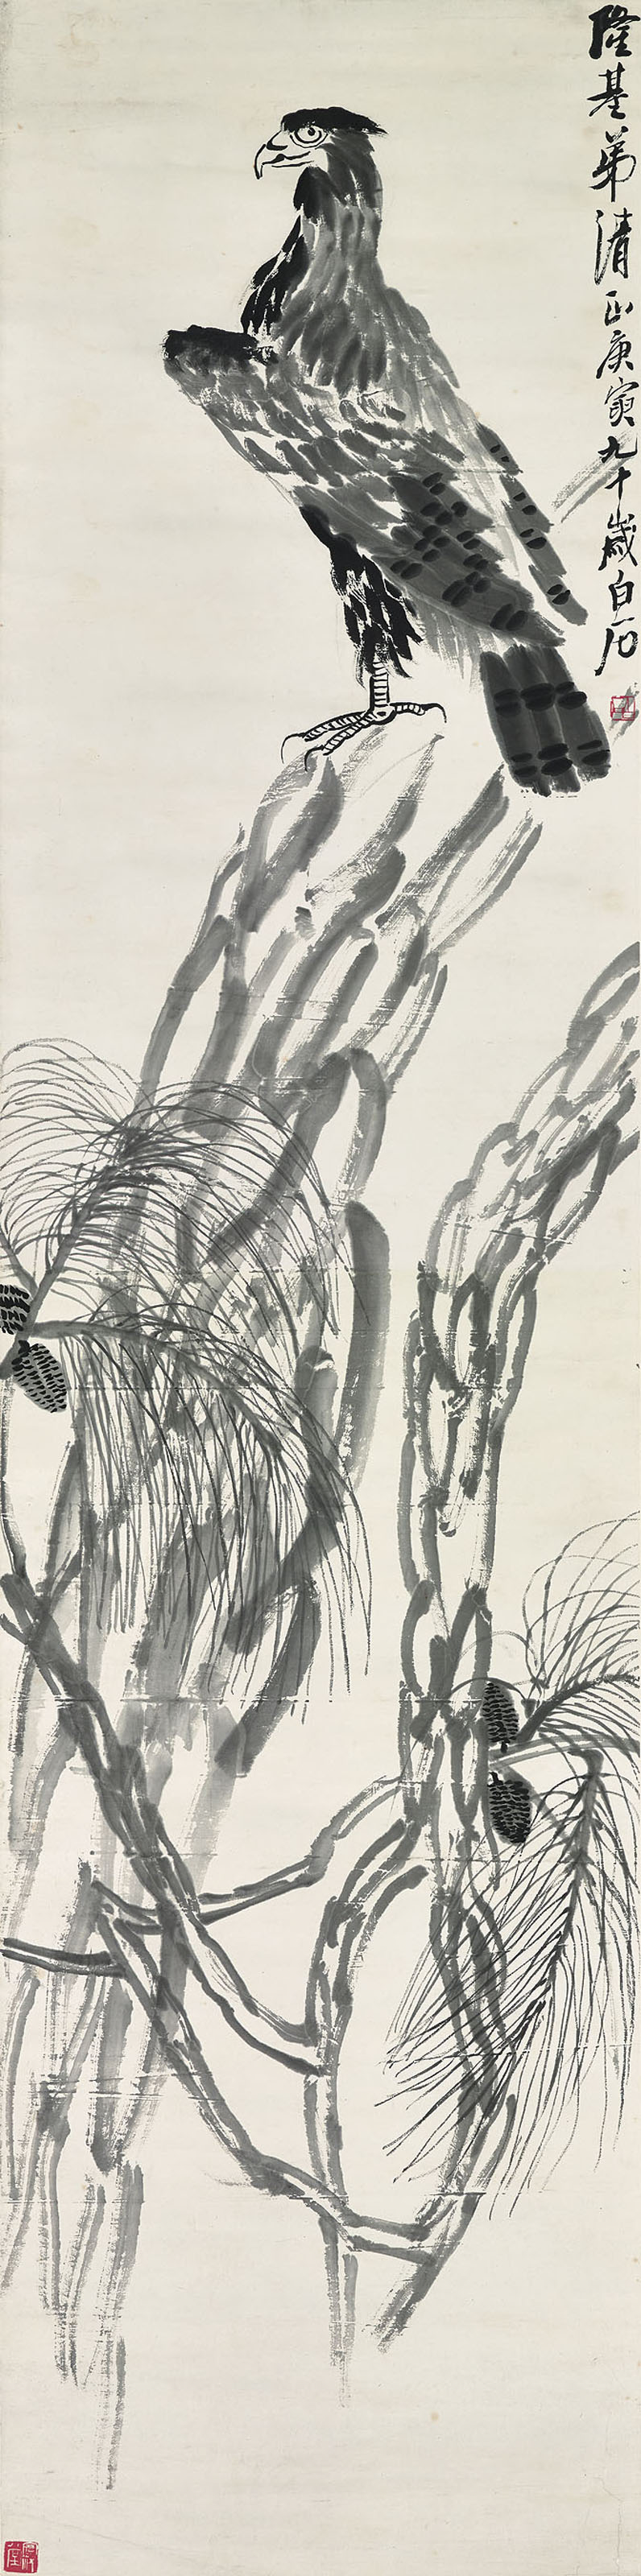 Eagle on Pine Tree